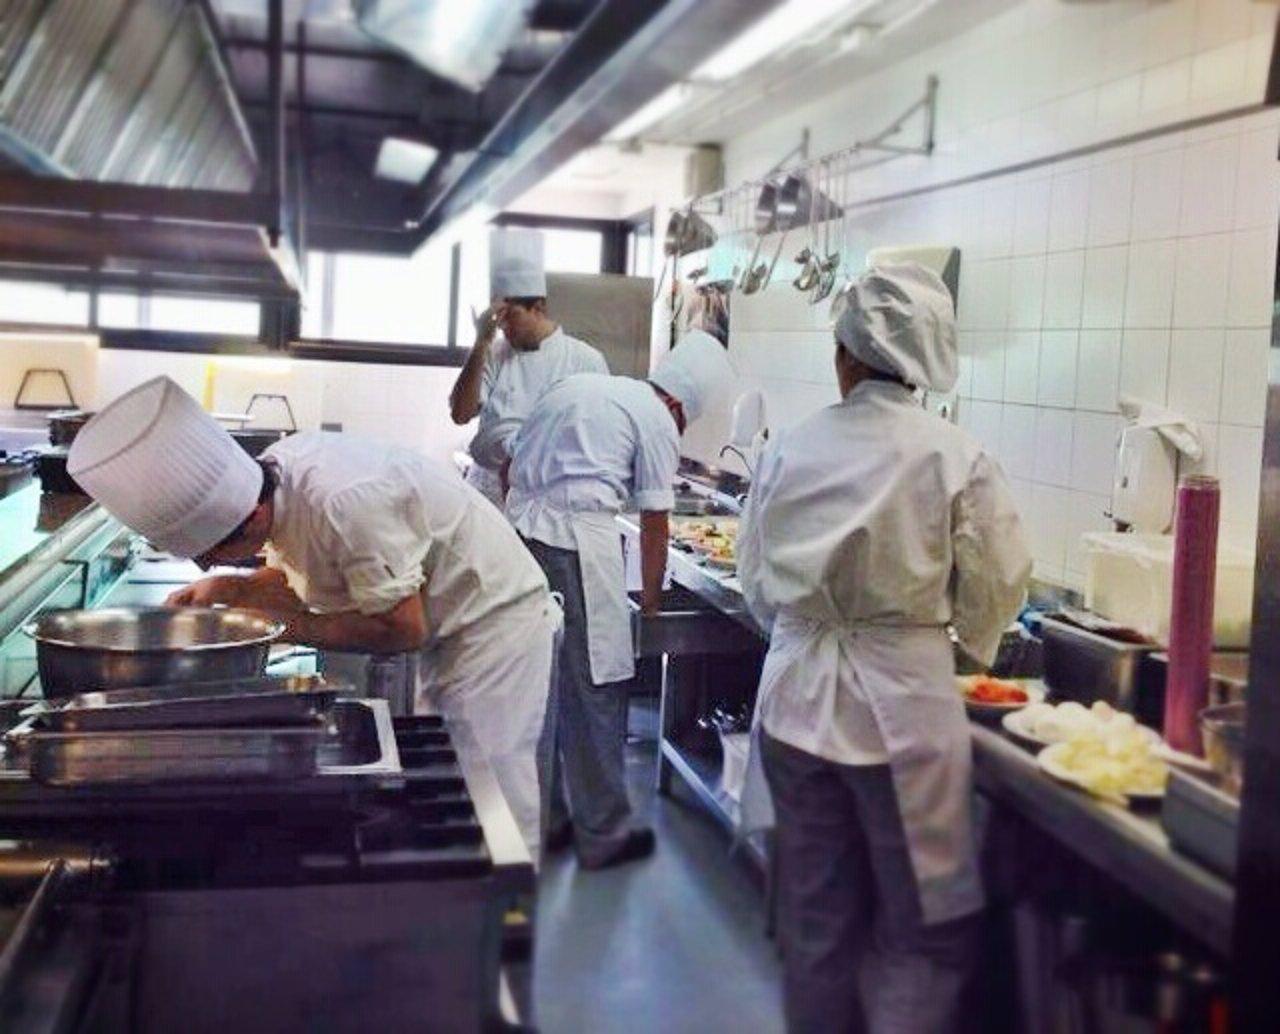 Cocina de la escuela de hostelería de la cónsula en málaga turismo gastronomía